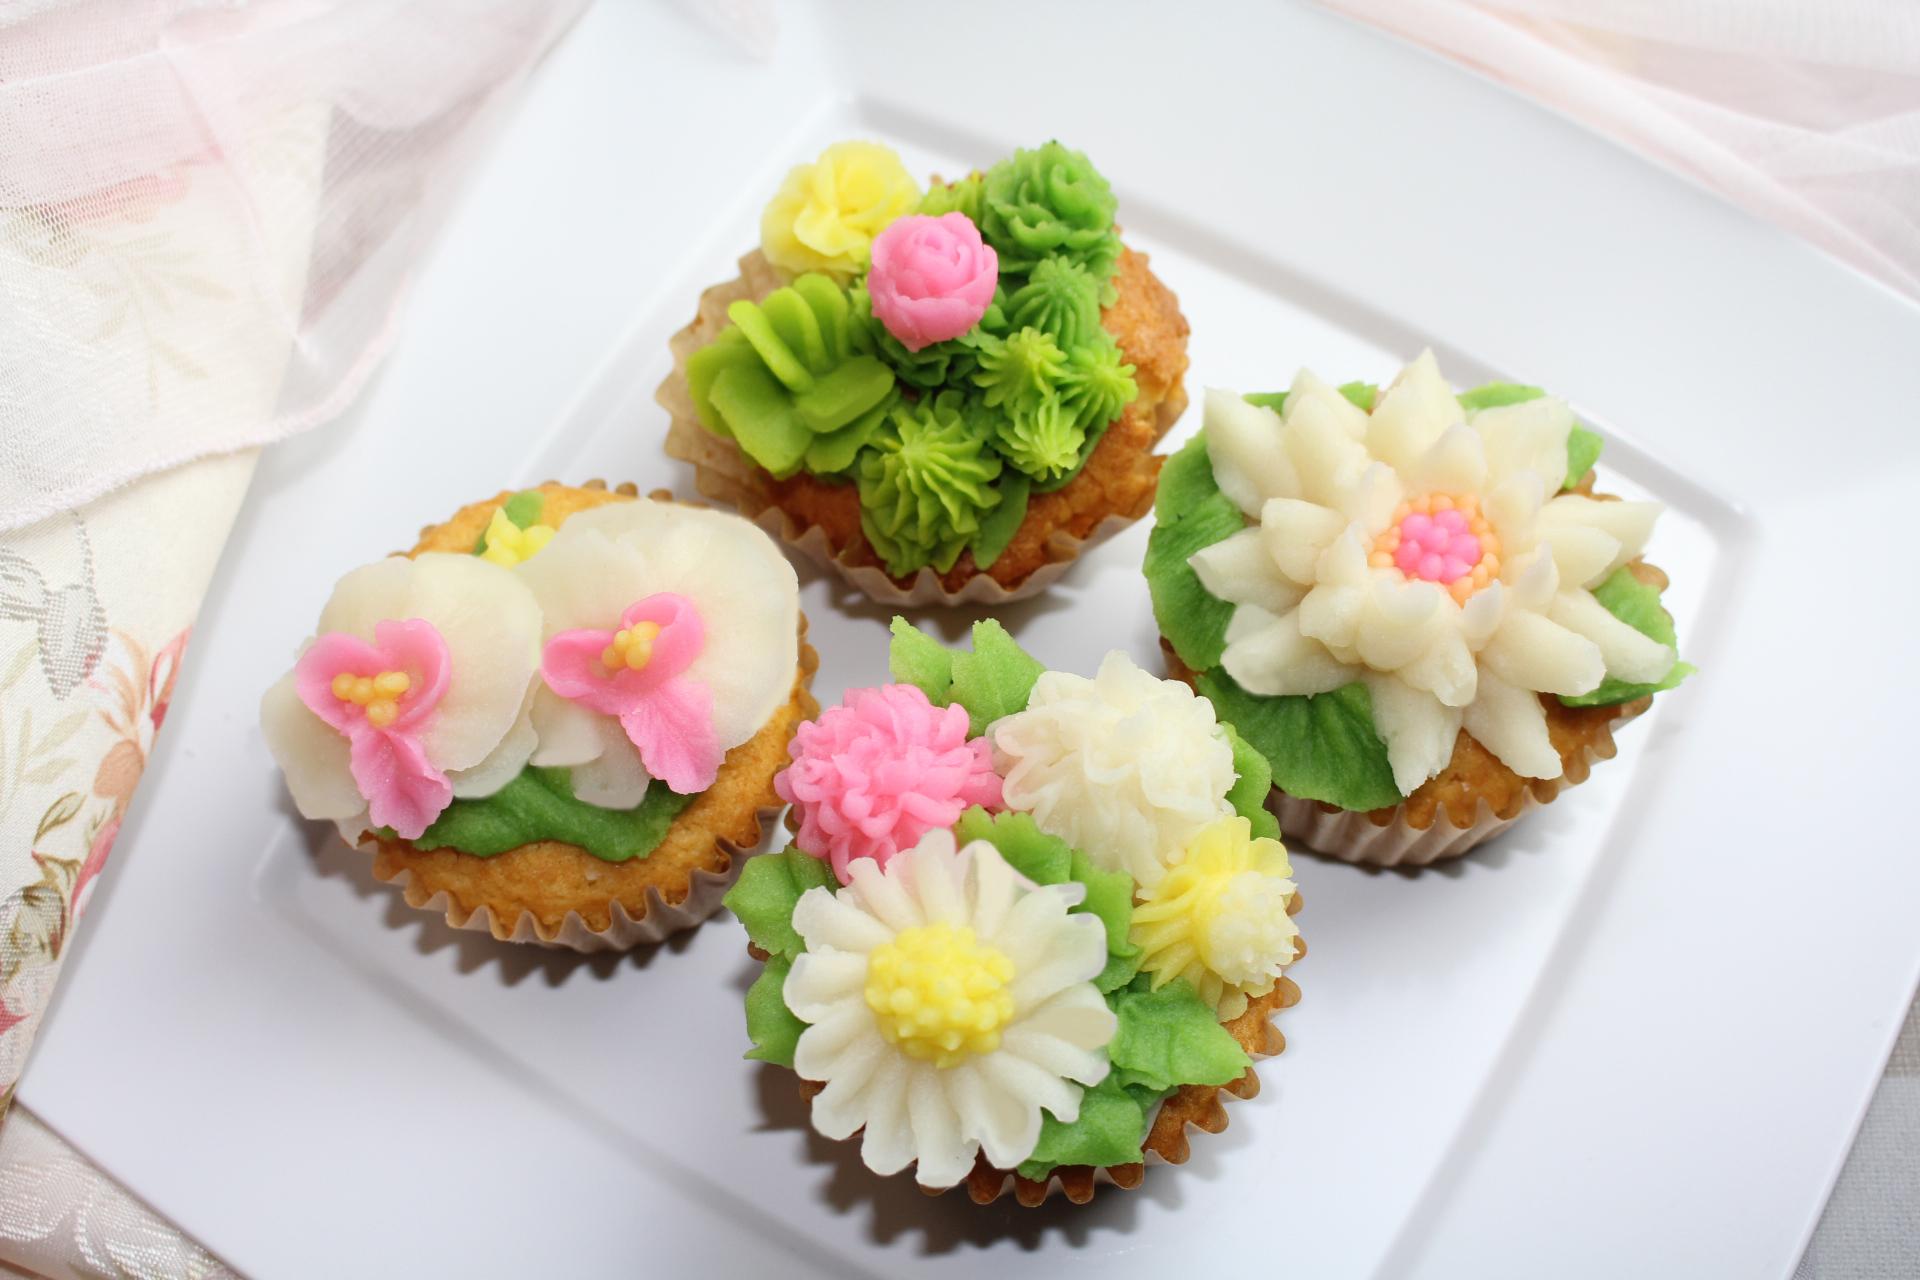 フラワーカップケーキ マーガレット、カクタス、胡蝶蘭